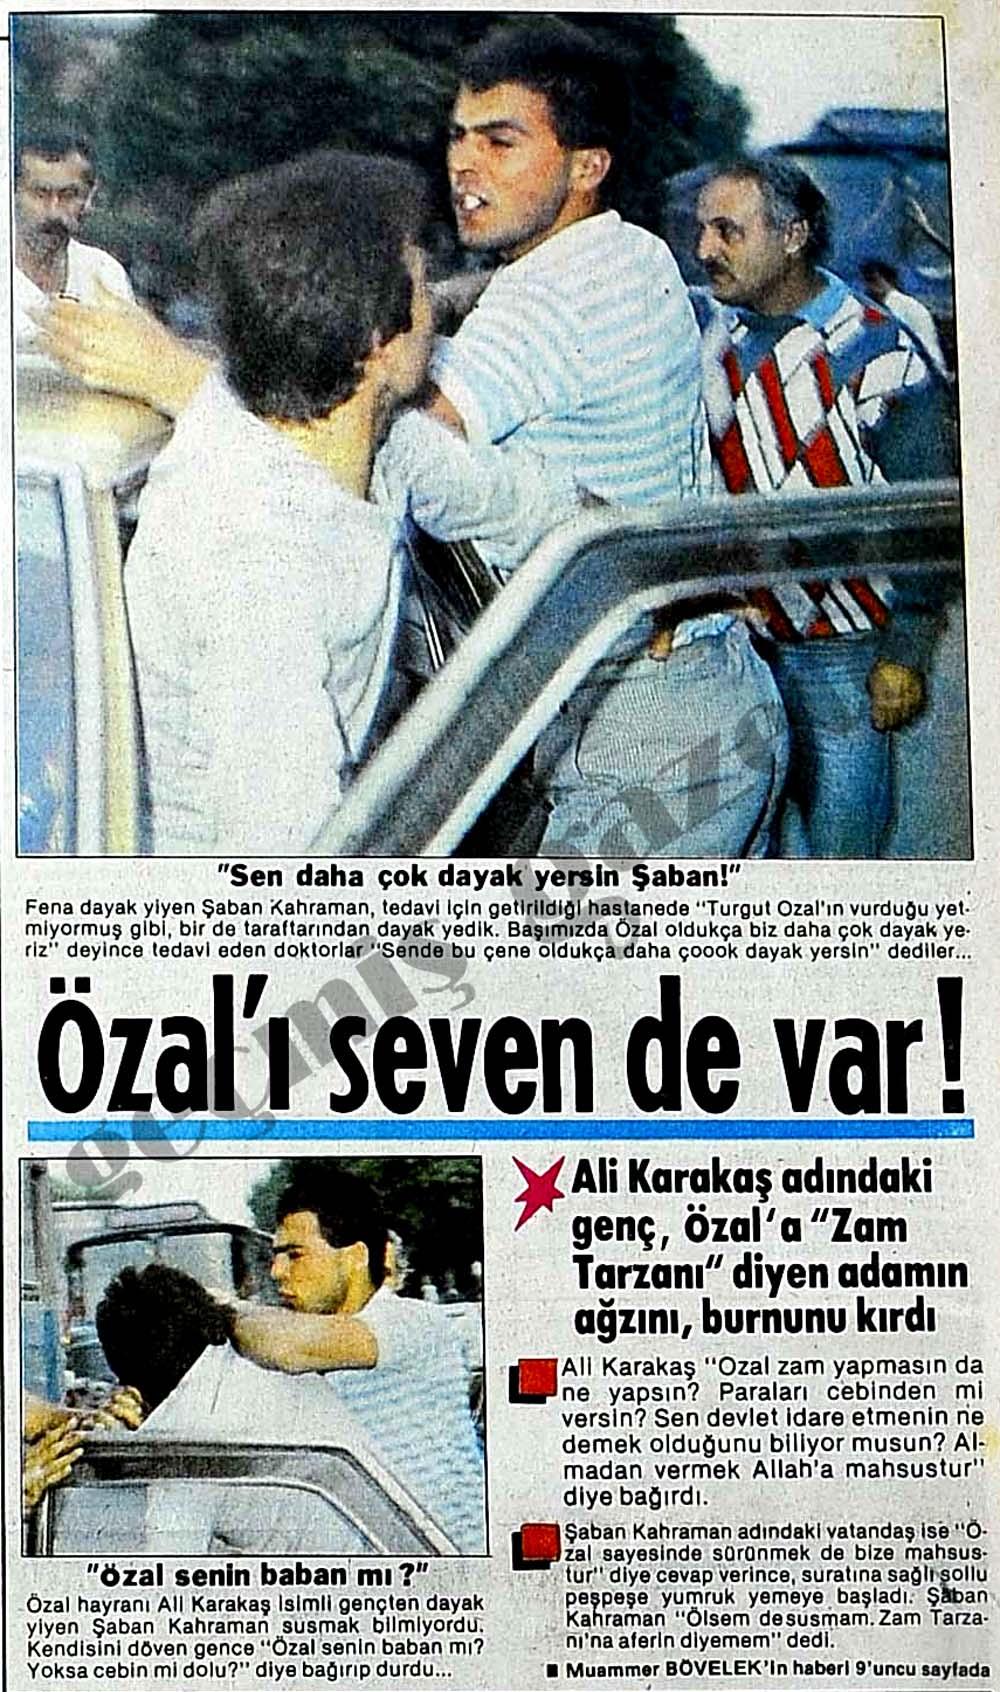 Özal'ı seven de var!